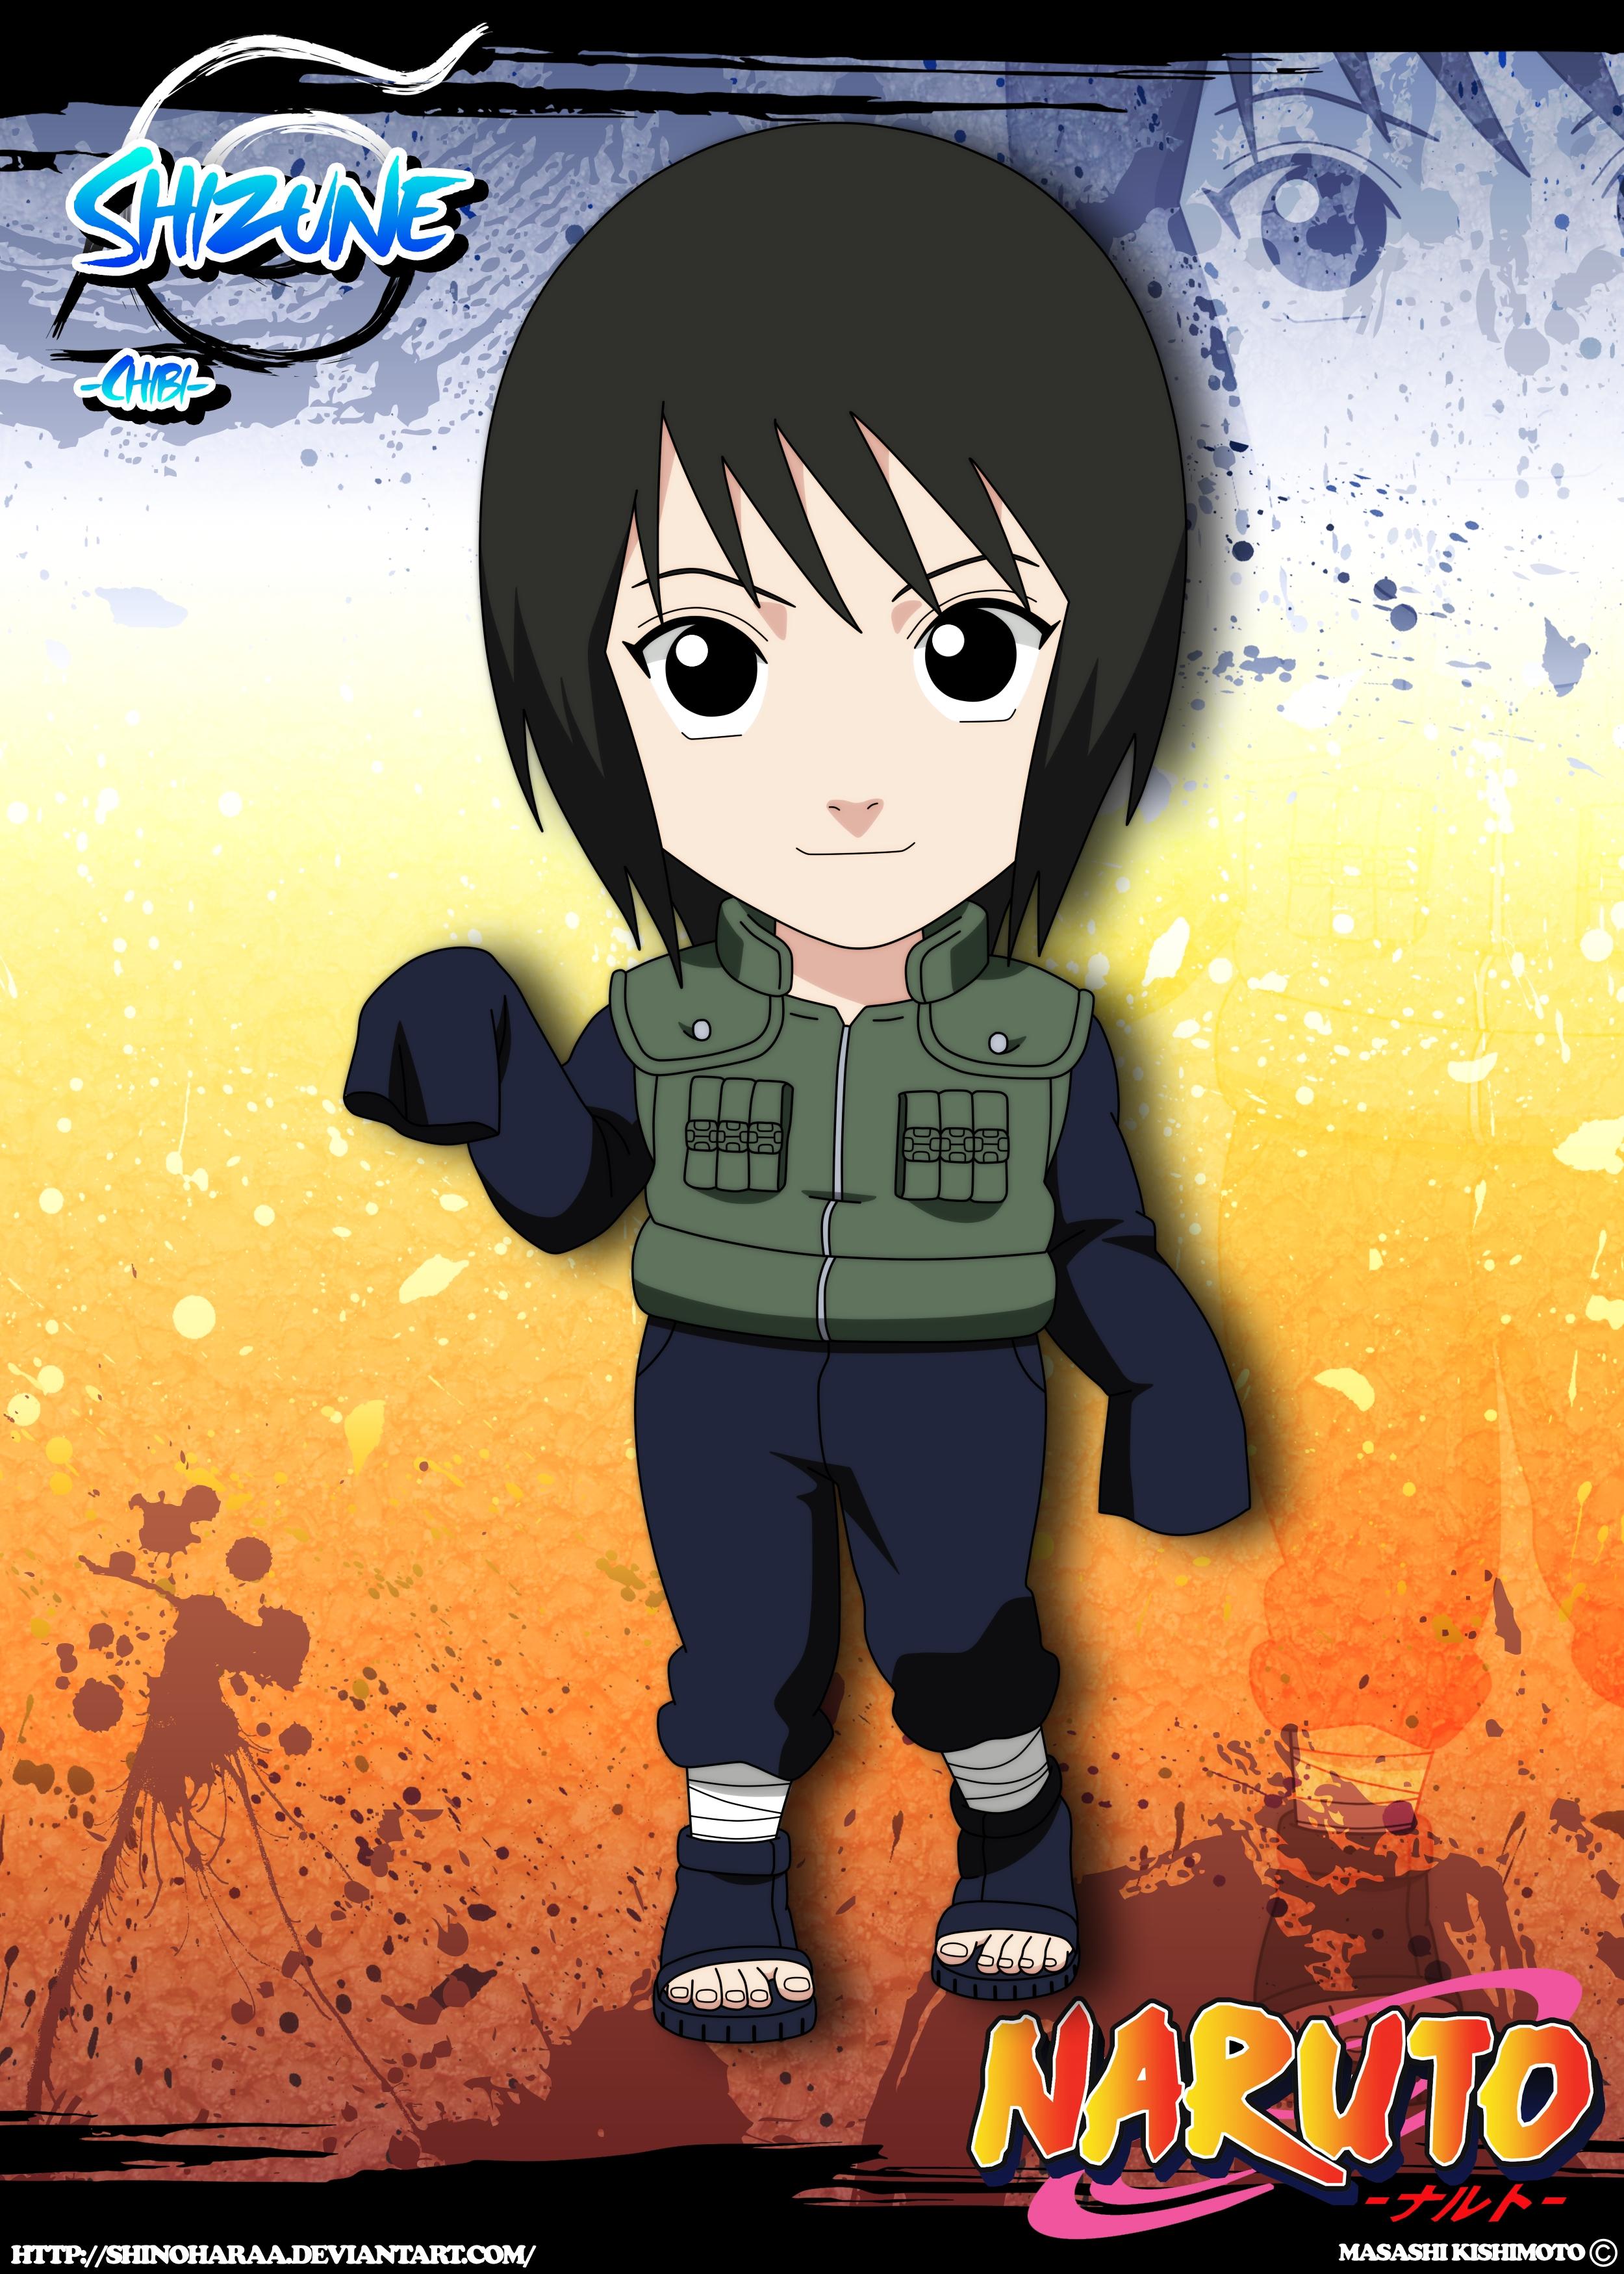 Naruto Wallpaper Iphone 4 Shizune Naruto Zerochan Anime Image Board